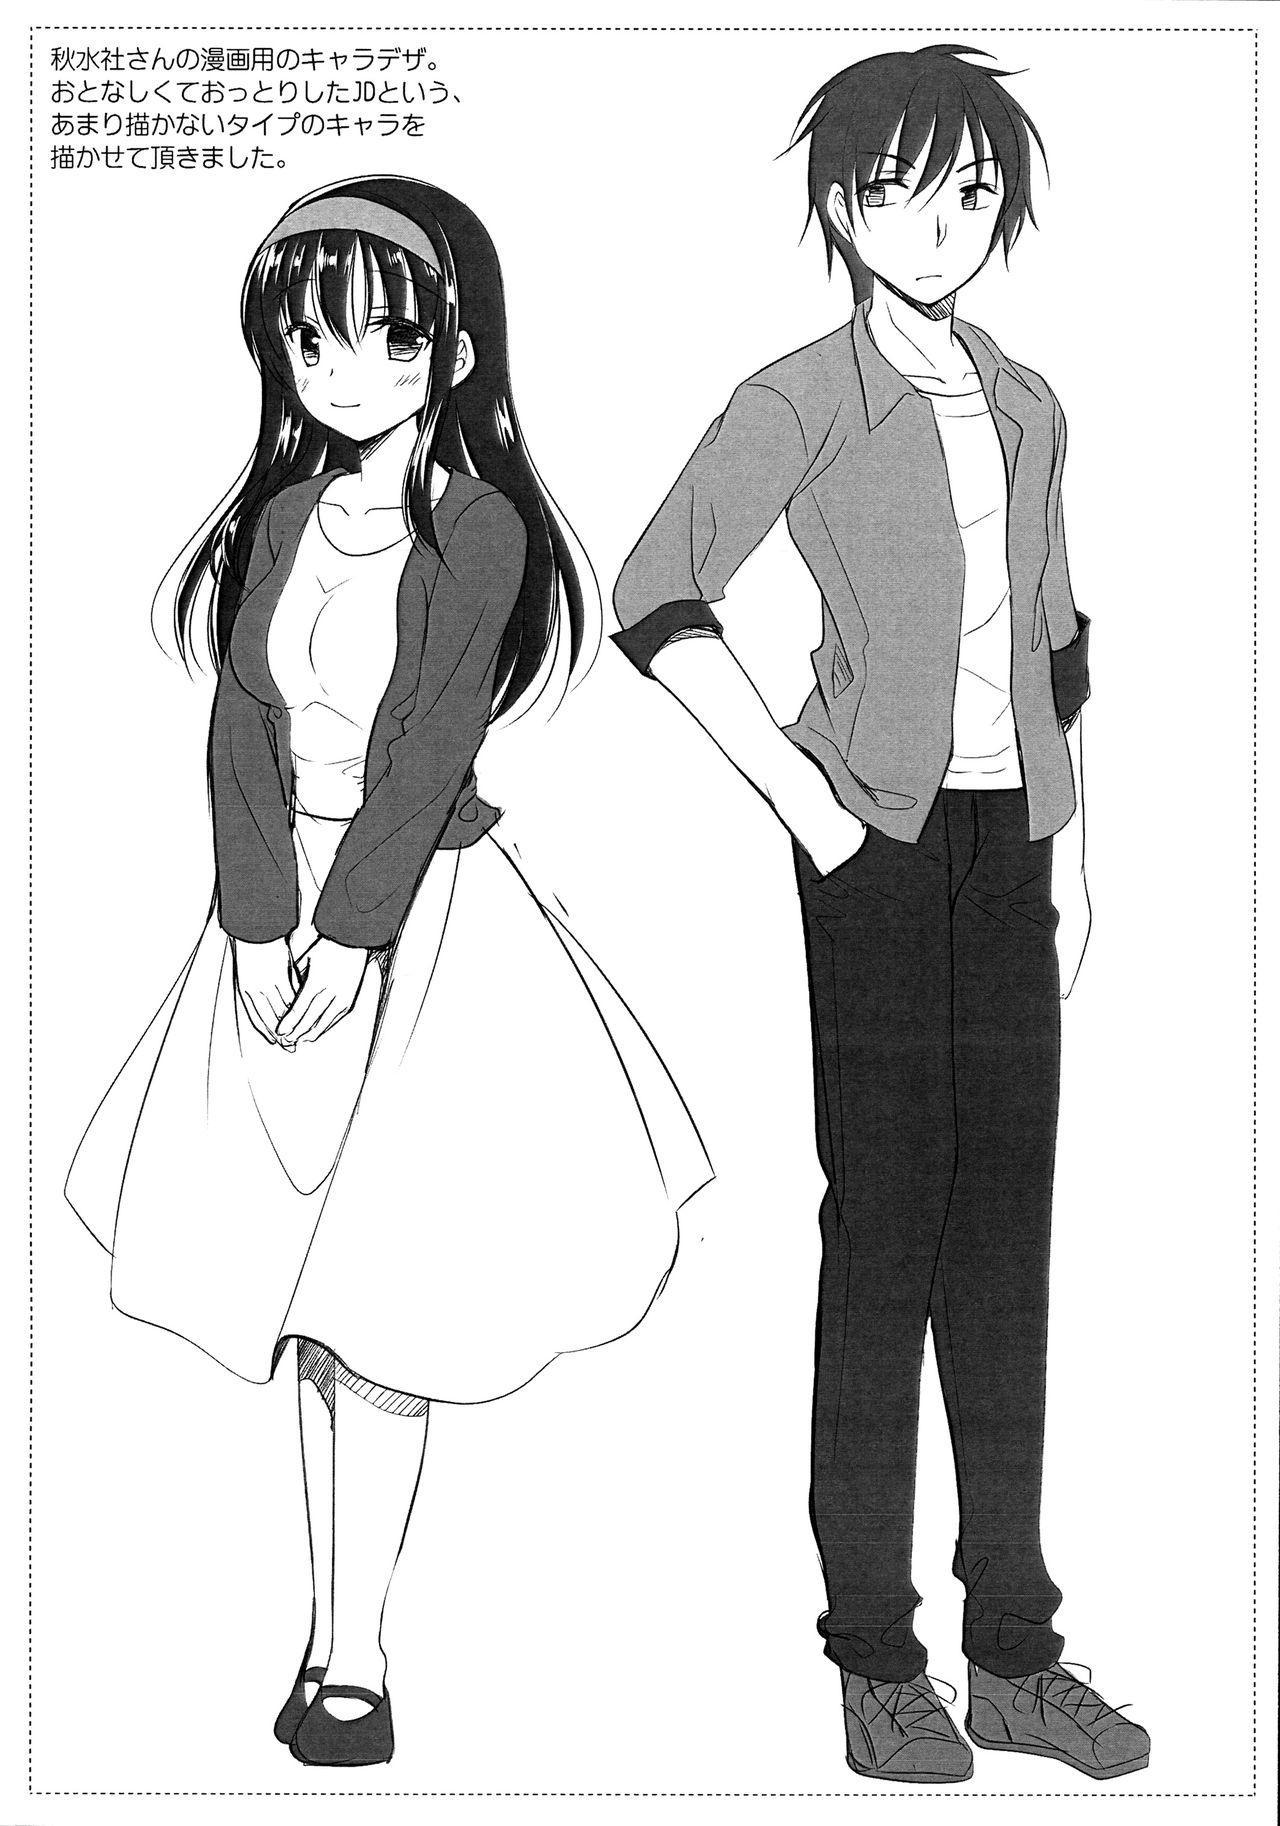 Ameya no Rakugakichou 18 Satsume 5